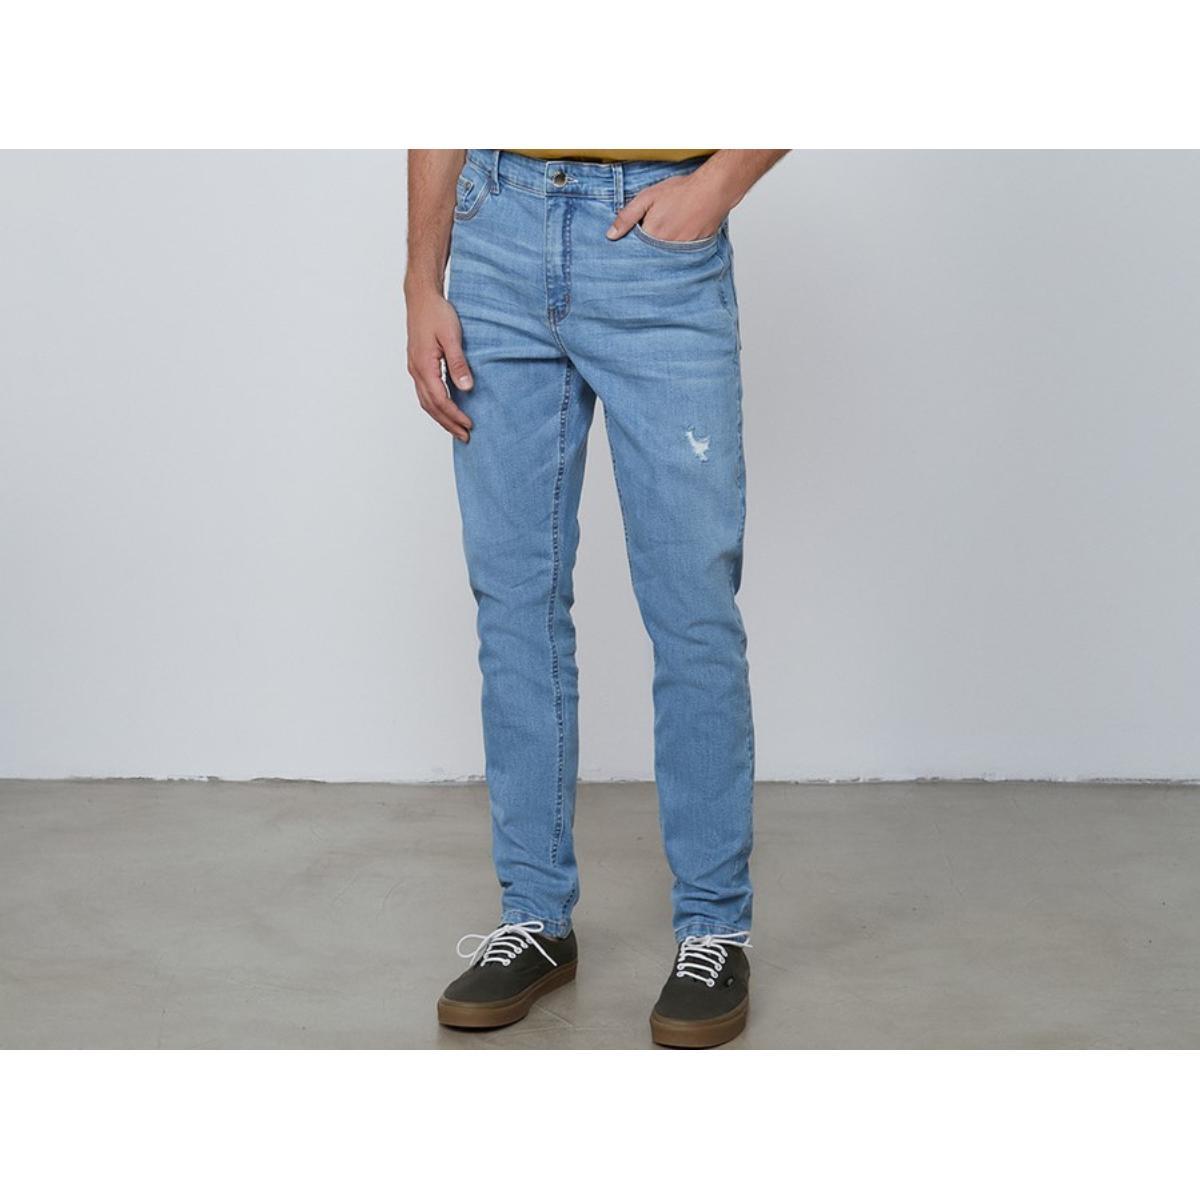 Calça Masculina Dzarm Zu7t 1bsn Jeans Claro